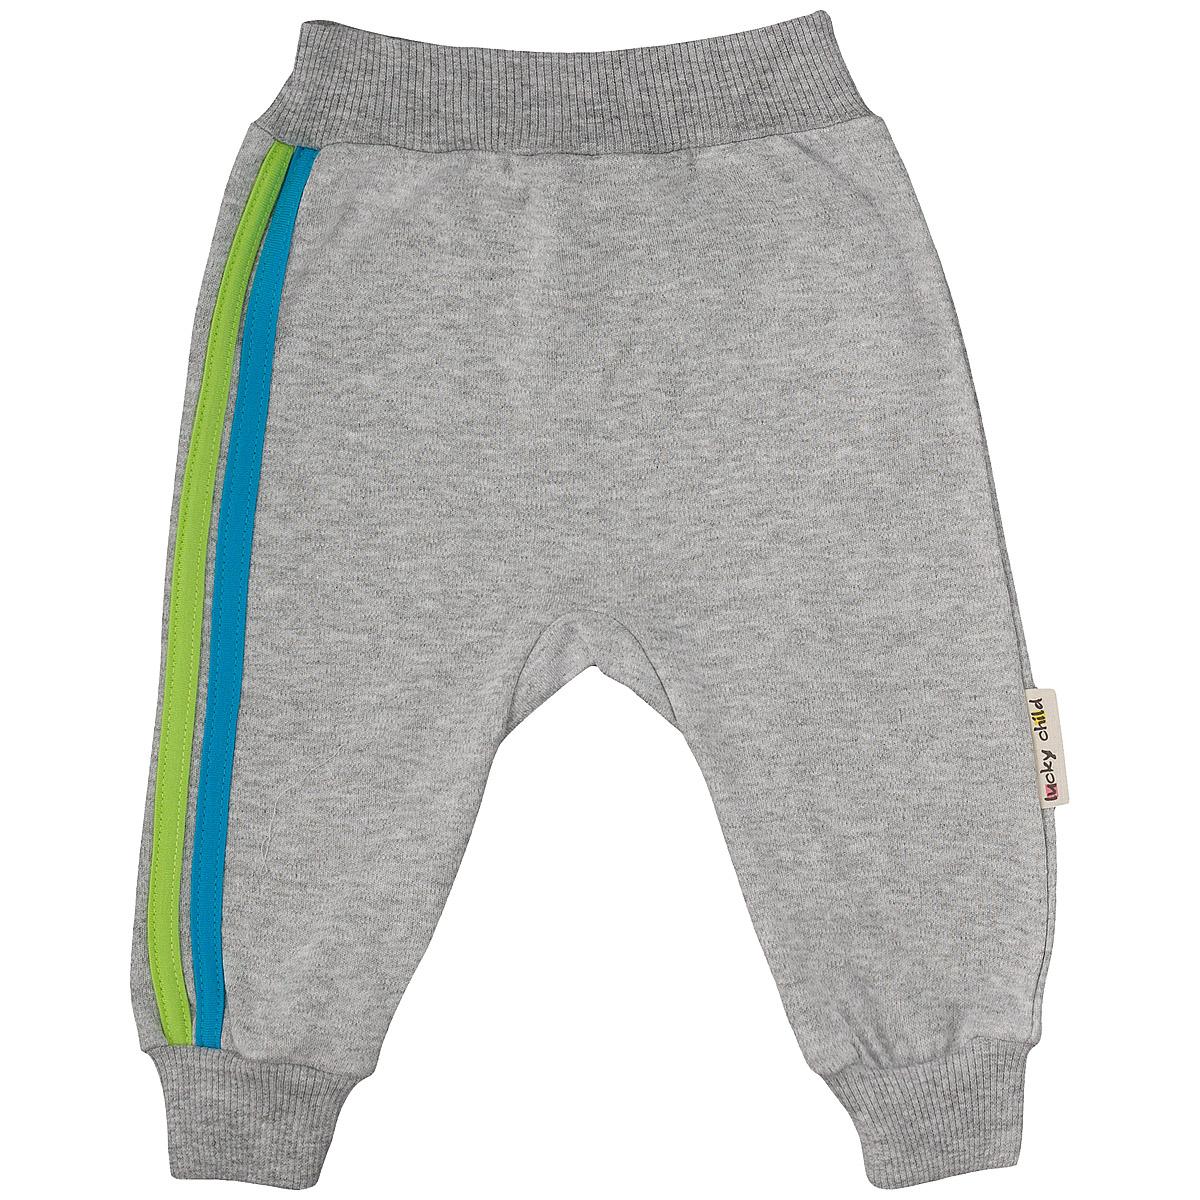 Штанишки на широком поясе Lucky Child, цвет: серый, голубой. 1-14. Размер 86/92